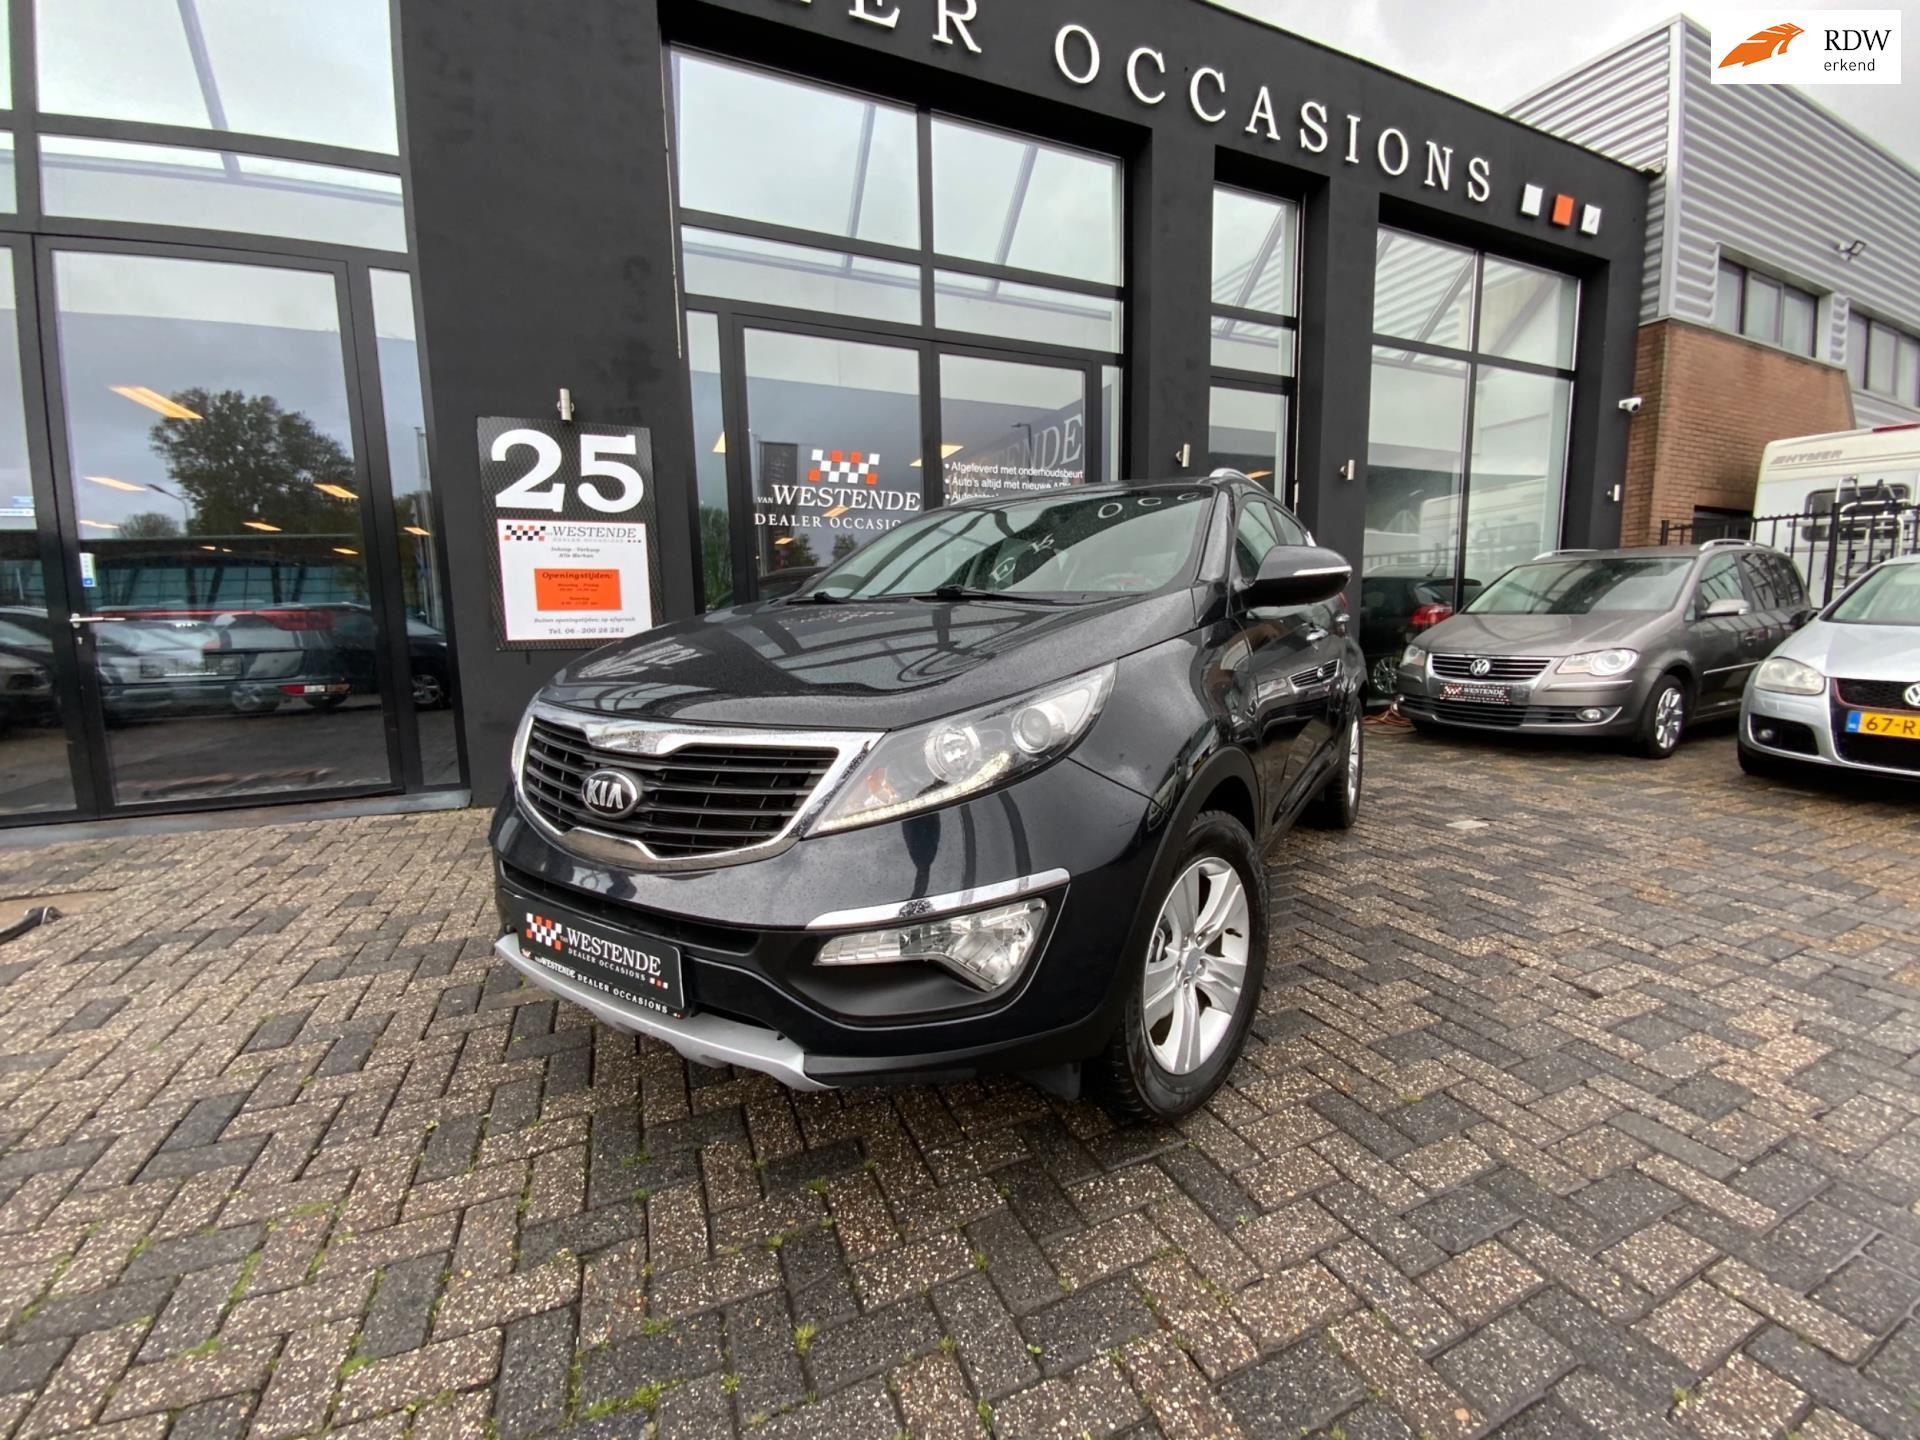 Kia Sportage occasion - Van Westende Dealeroccasions